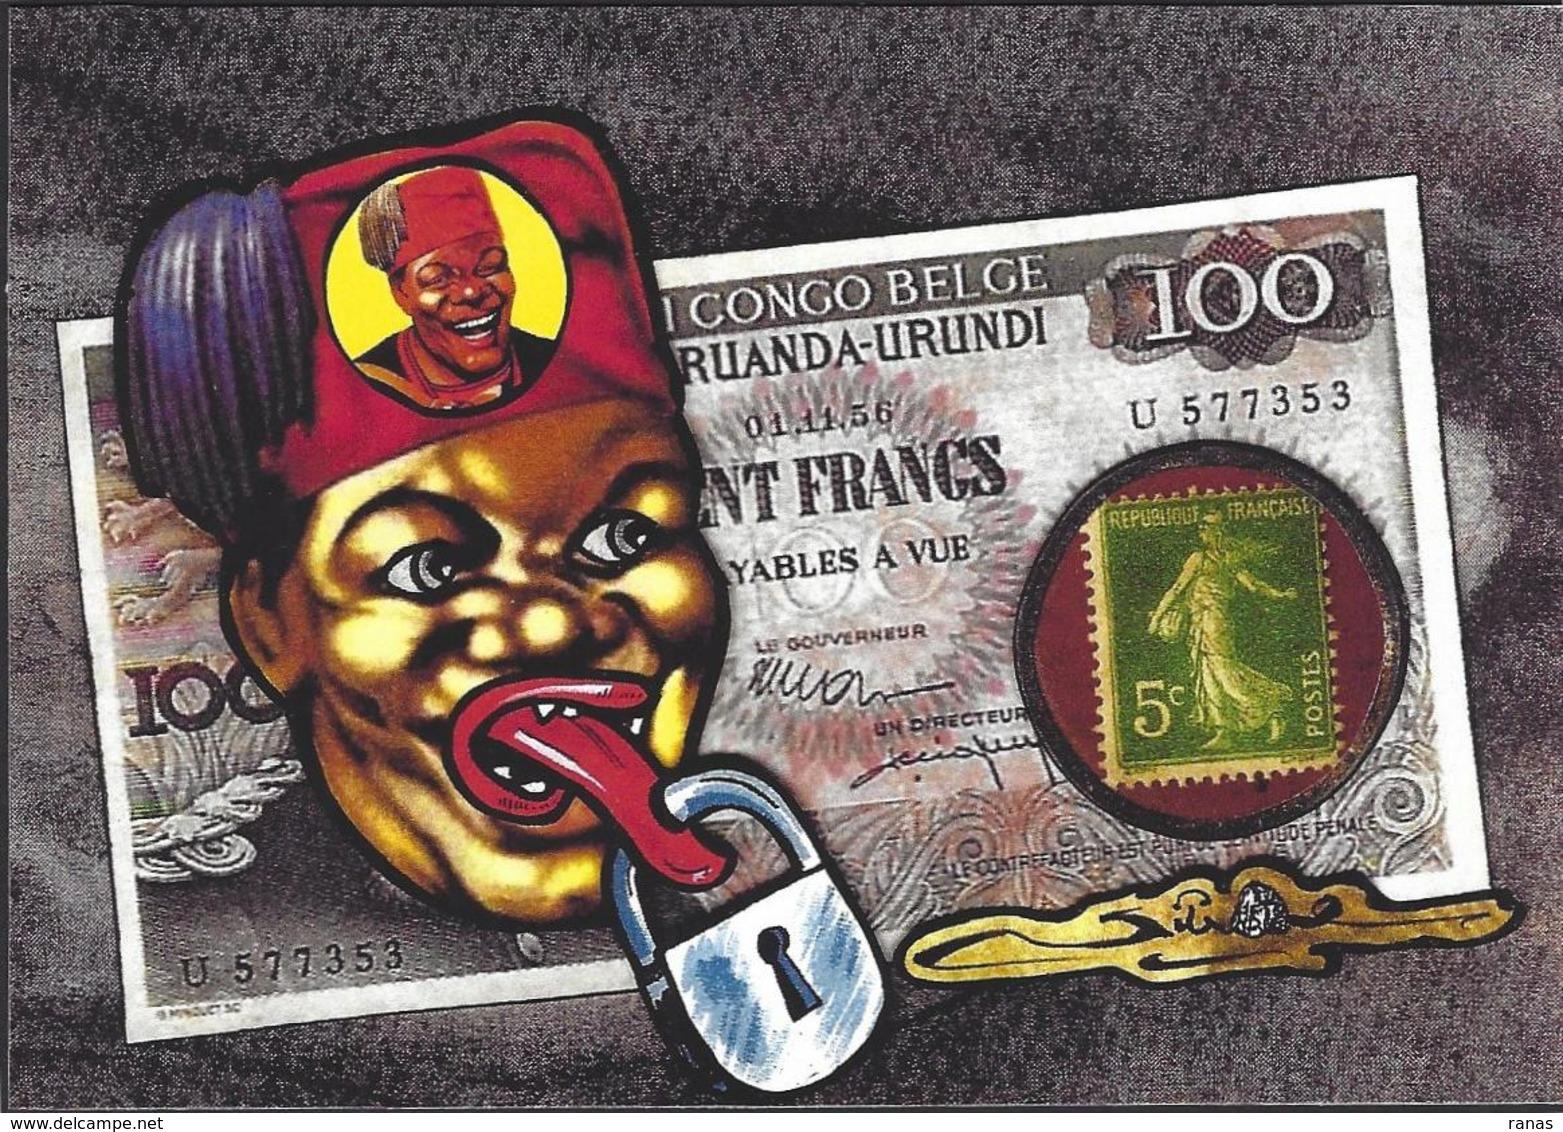 CPM Timbre Monnaie Par Jihel Tirage Limité En 30 Ex Numérotés Signés Banania Colonialisme Négritude Billet De Banque - Coins (pictures)